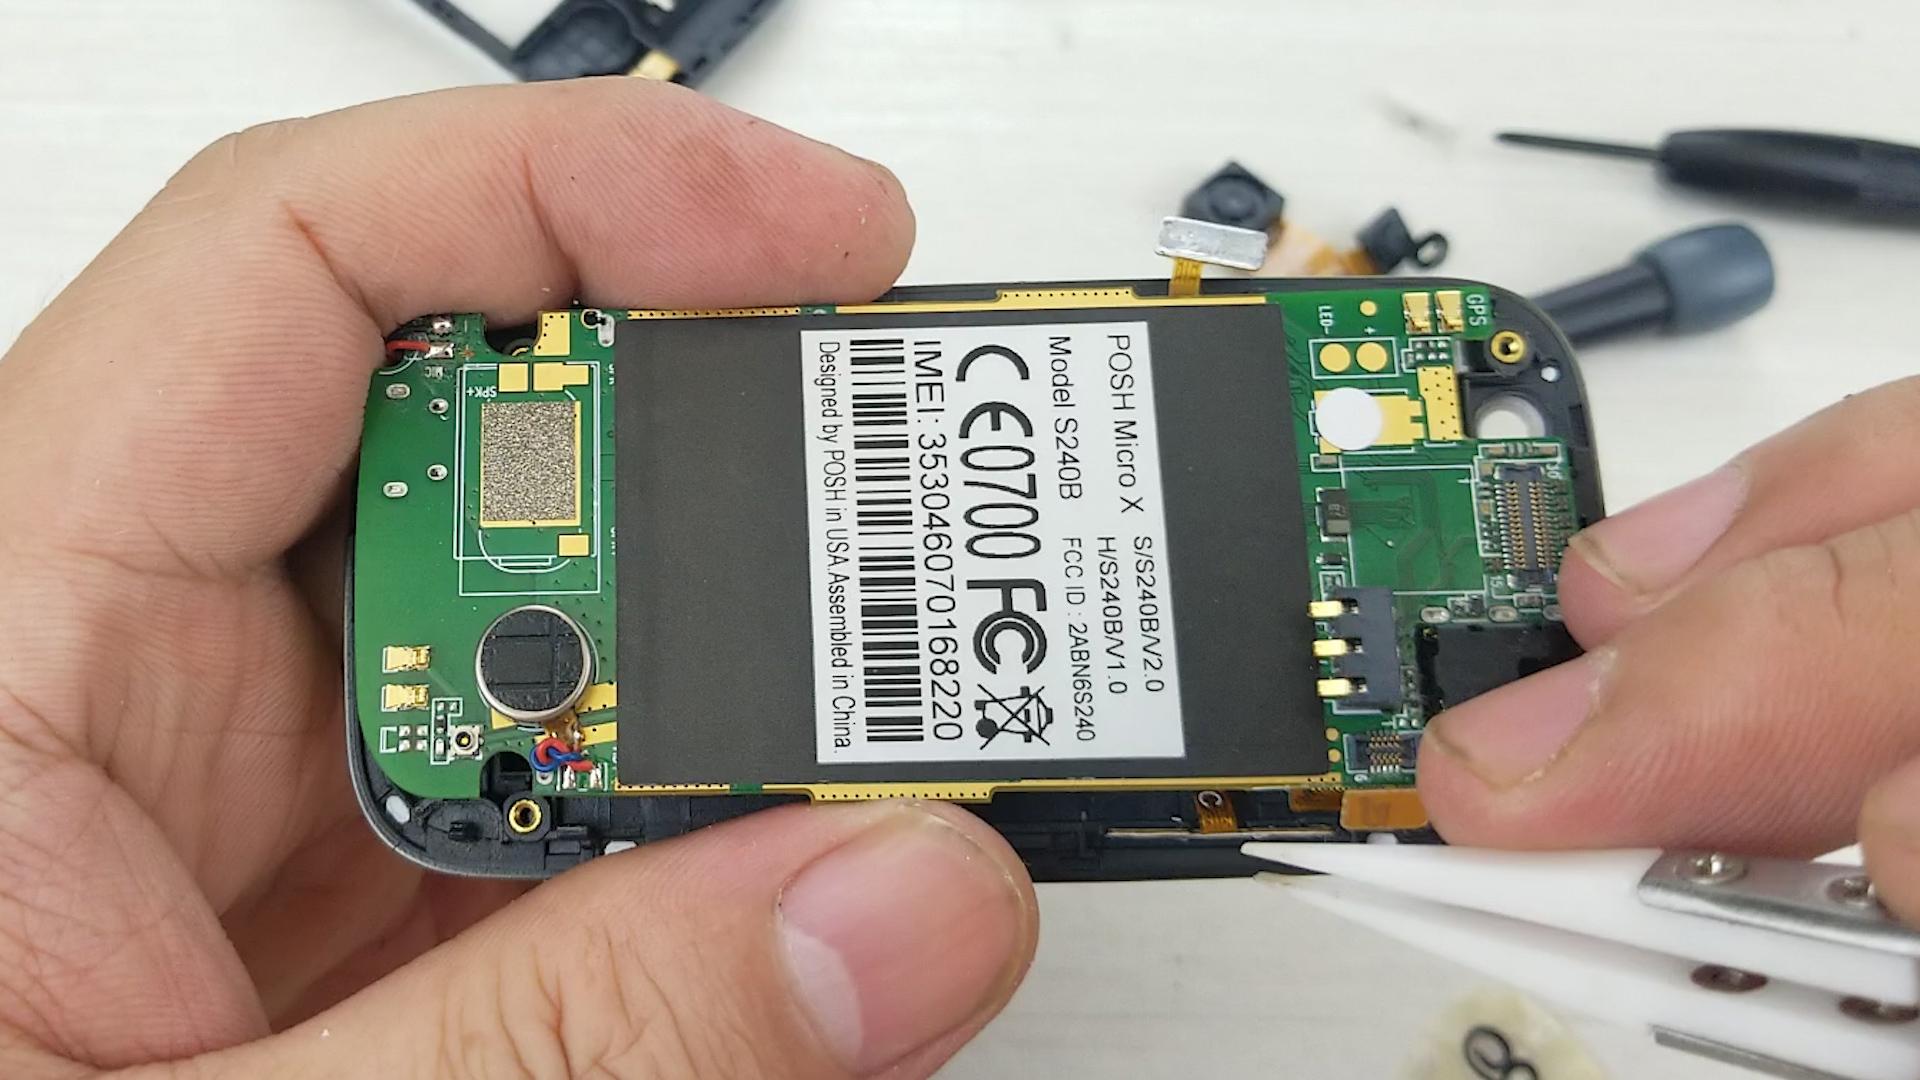 拆解专为国外电信商POSH定制的手机,看看内部的做工和细节POSH手机